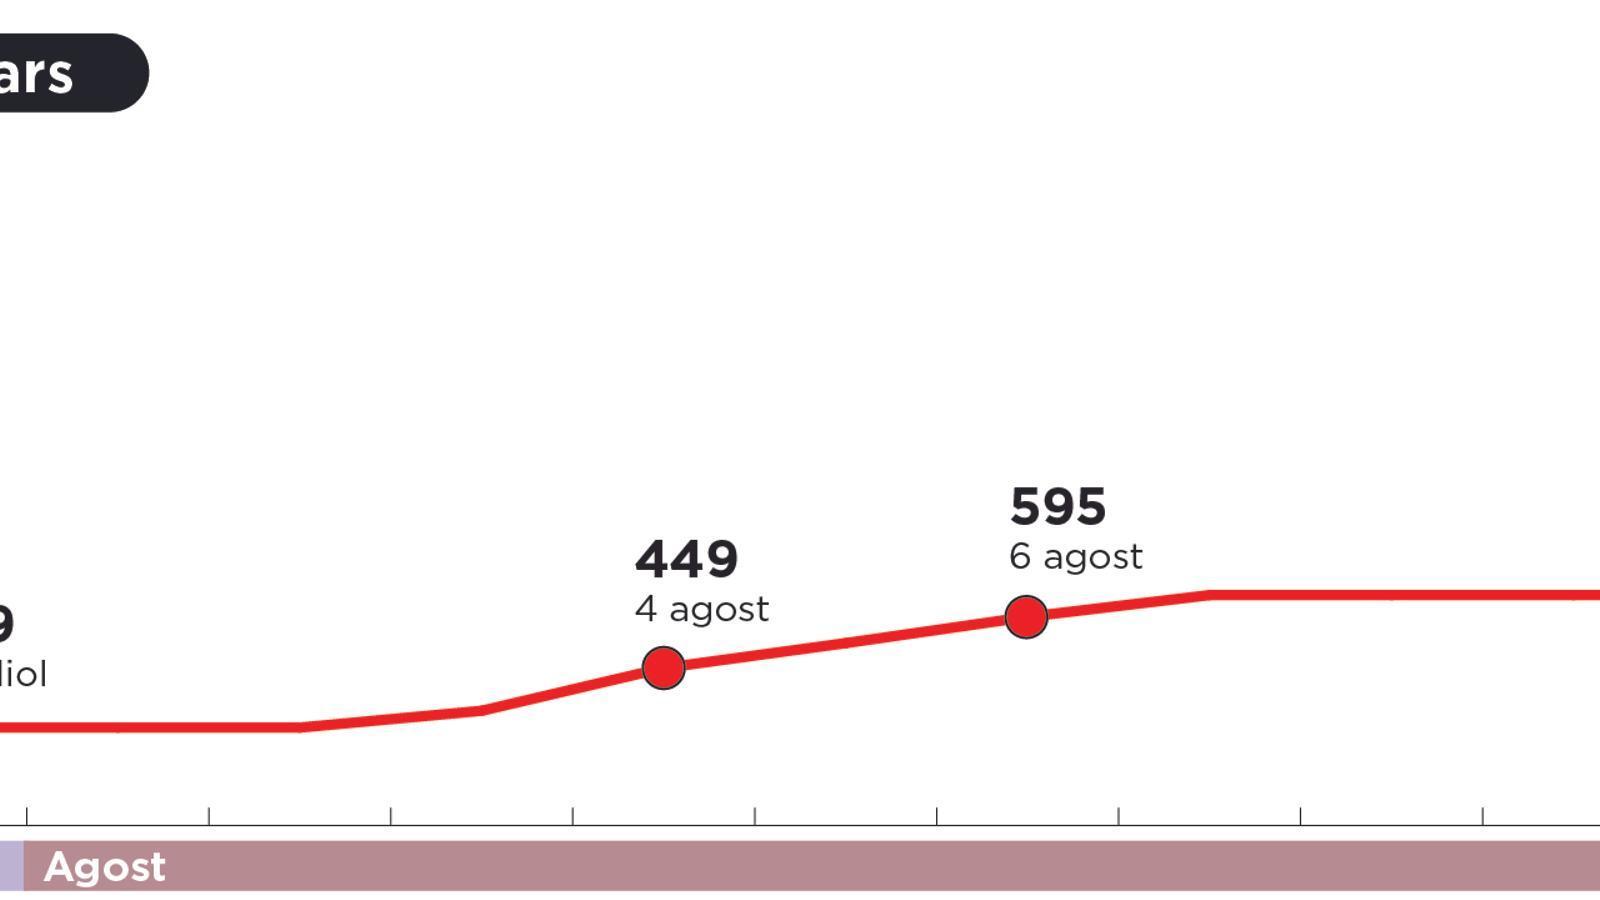 Les Balears baten tots els rècords de contagis i la situació encara pot empitjorar